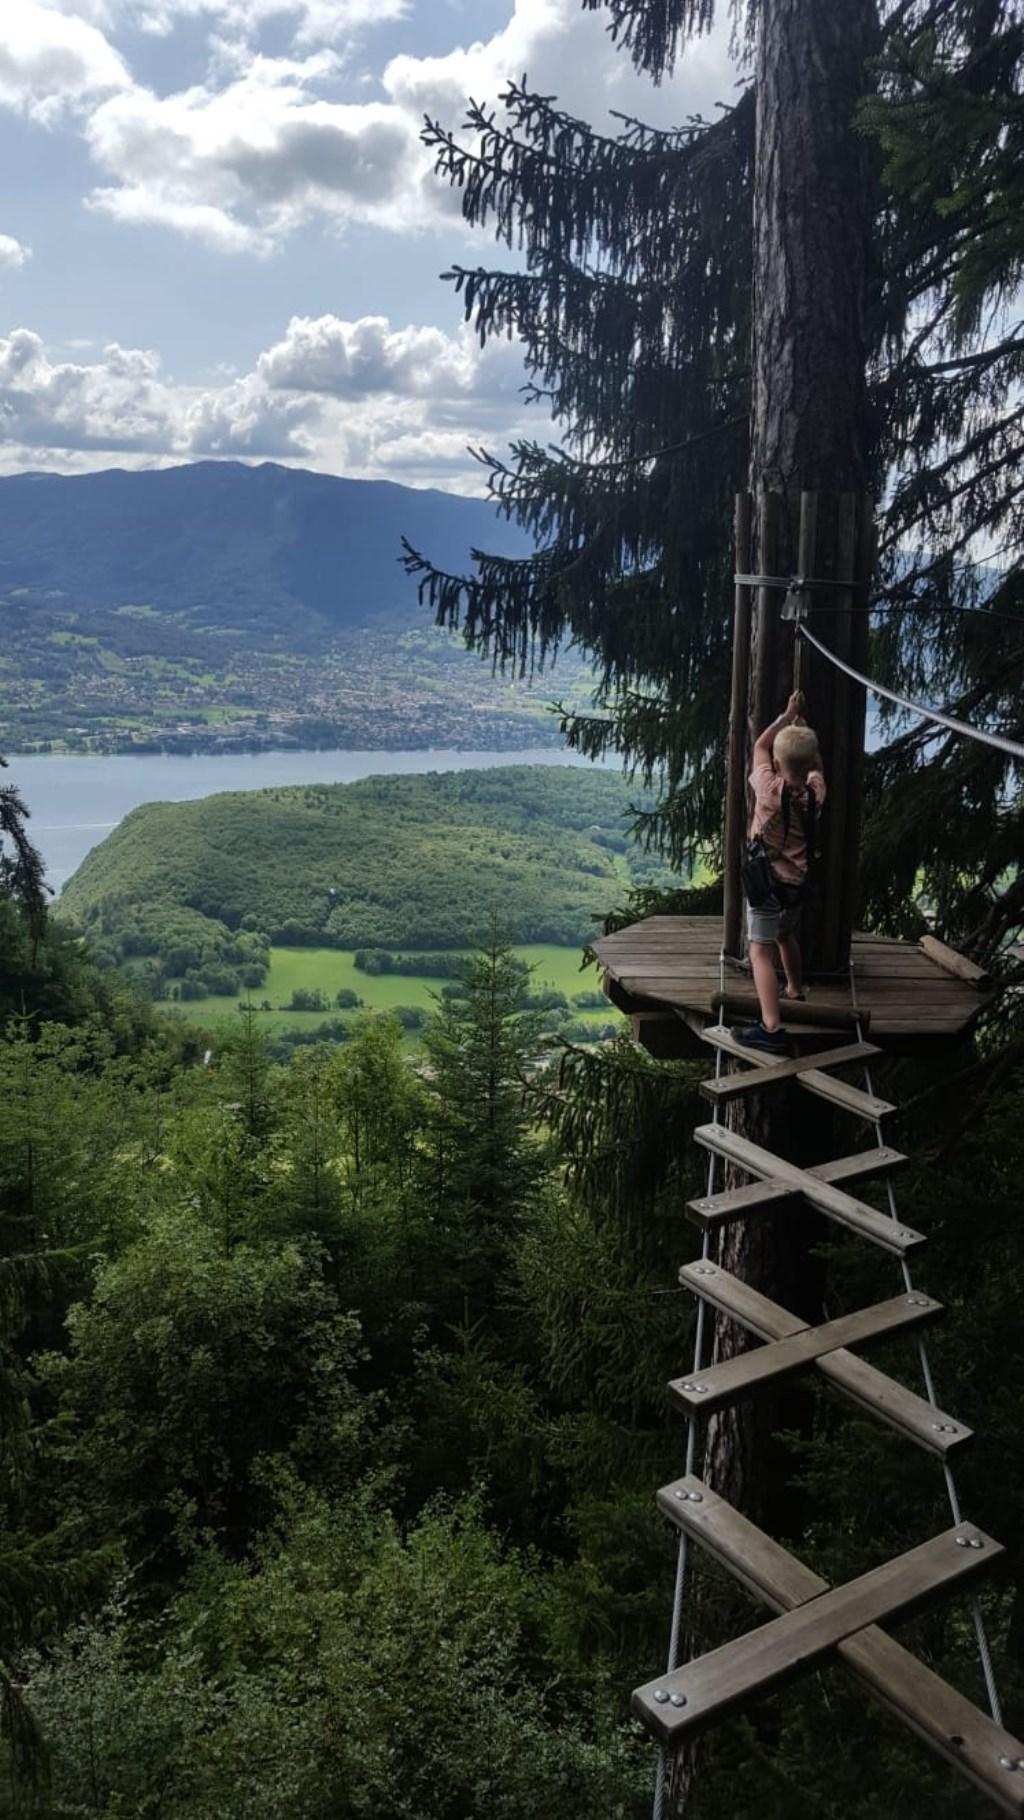 Sam aan het klimmen met prachtig uitzicht over het meer van Annecy. Familie Lahaye  © MooiRooi